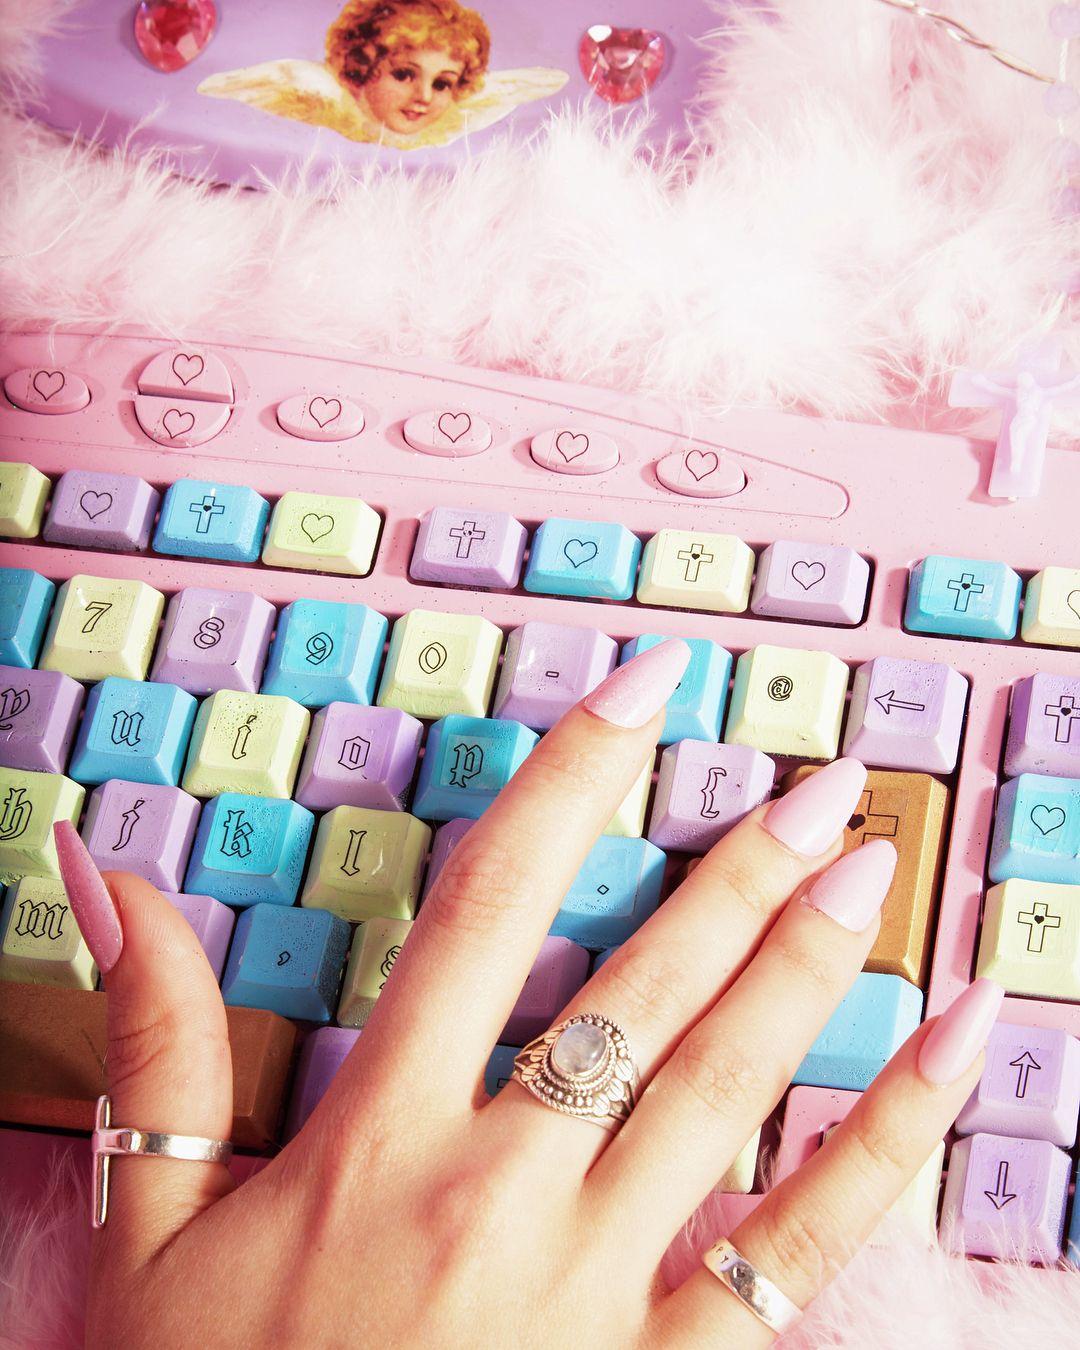 Keyboard keys and meanings ‒ defkey